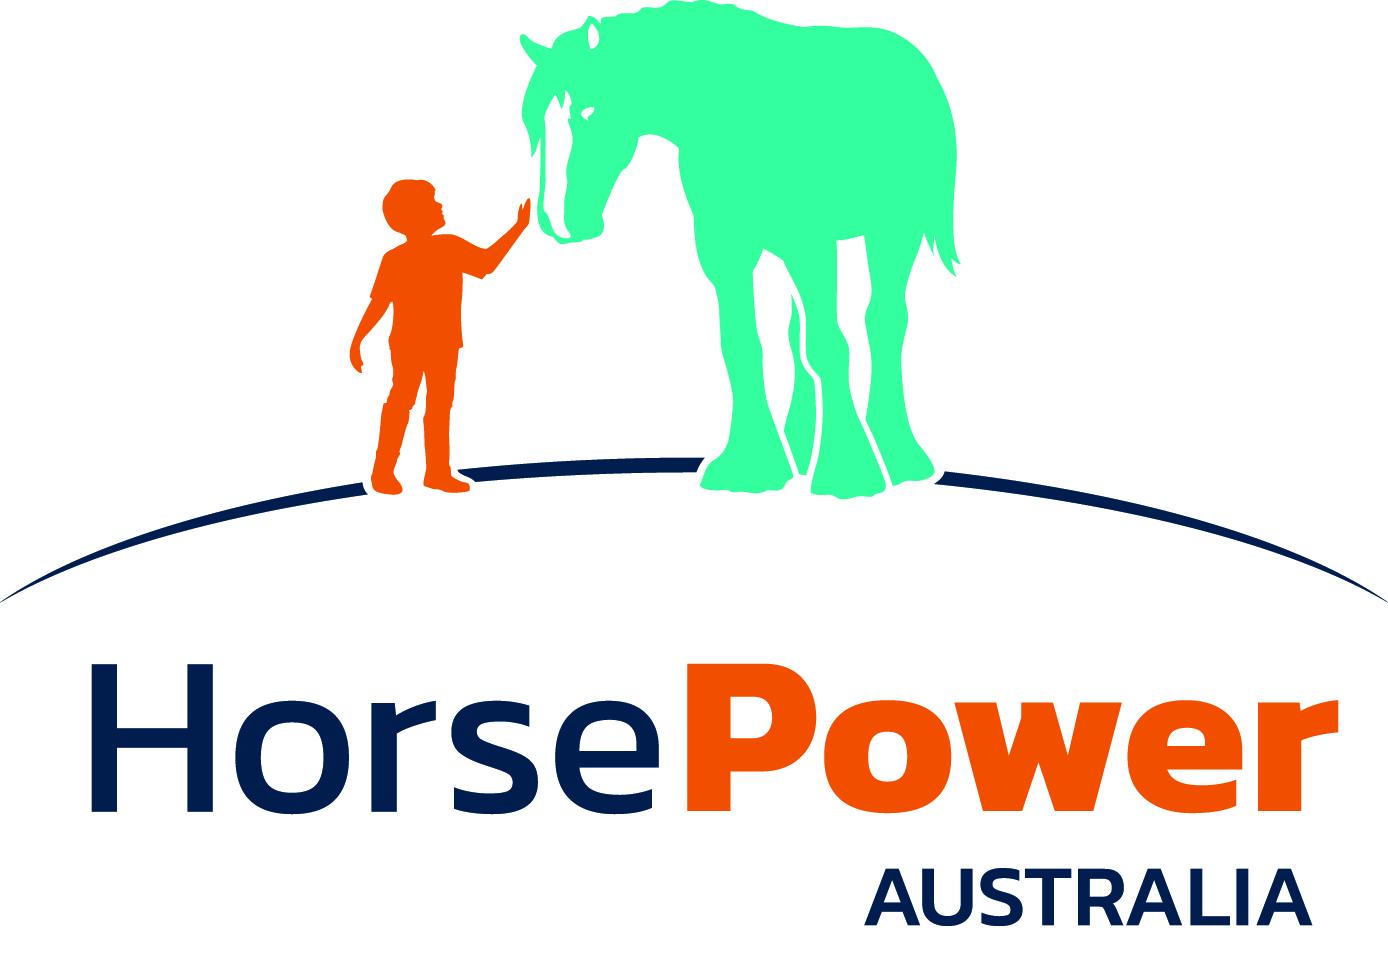 HorsePower Australia logo